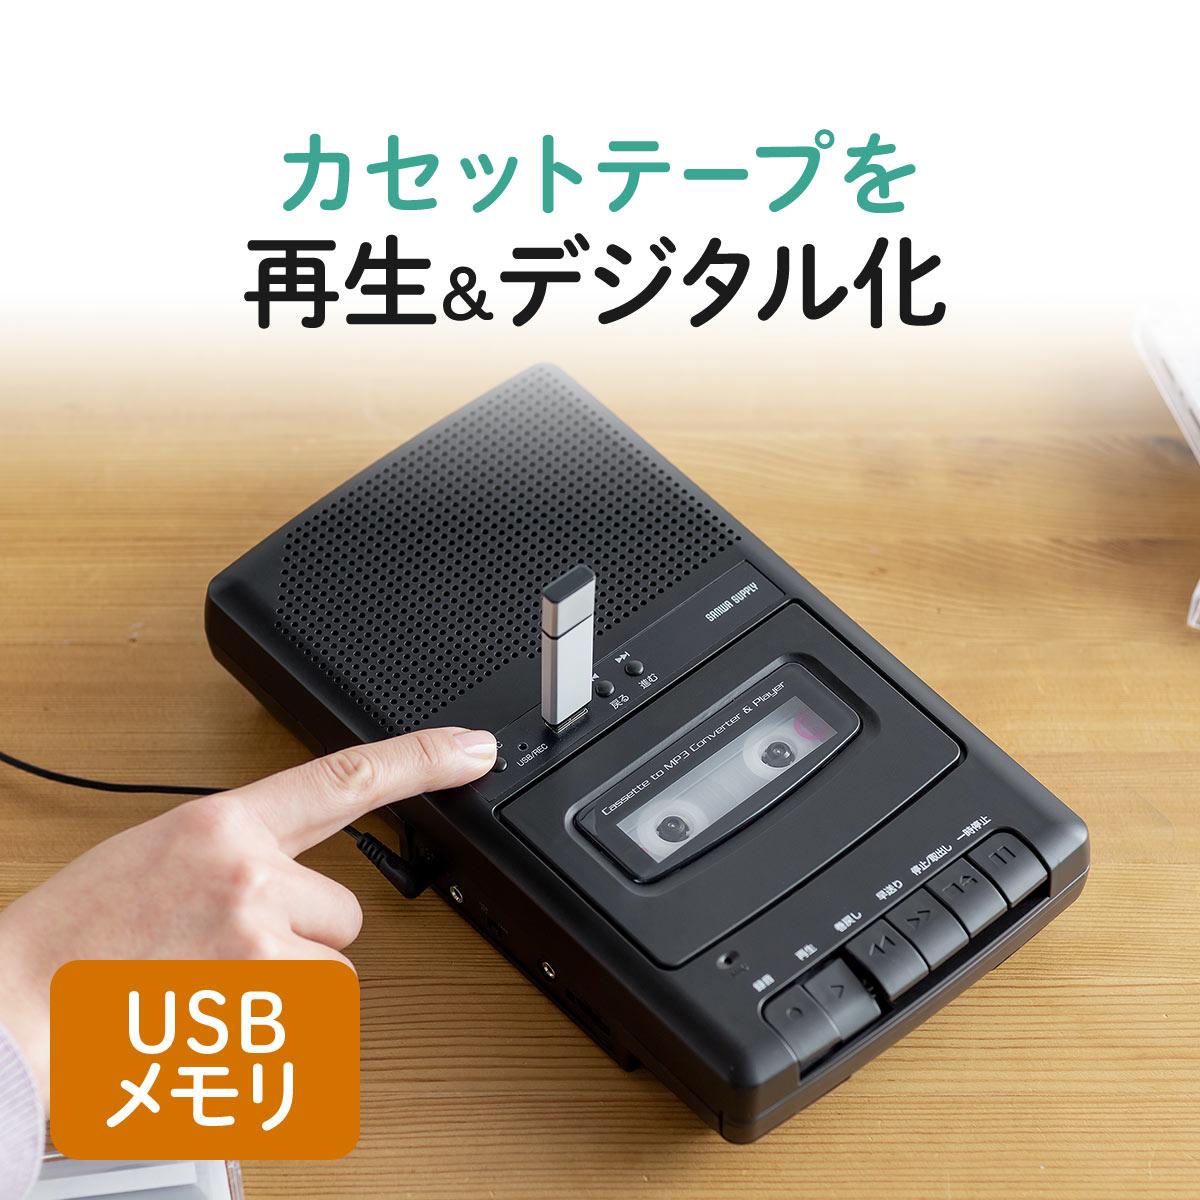 ポータブルオーディオプレーヤー, ポータブルカセットプレーヤー  USB AC